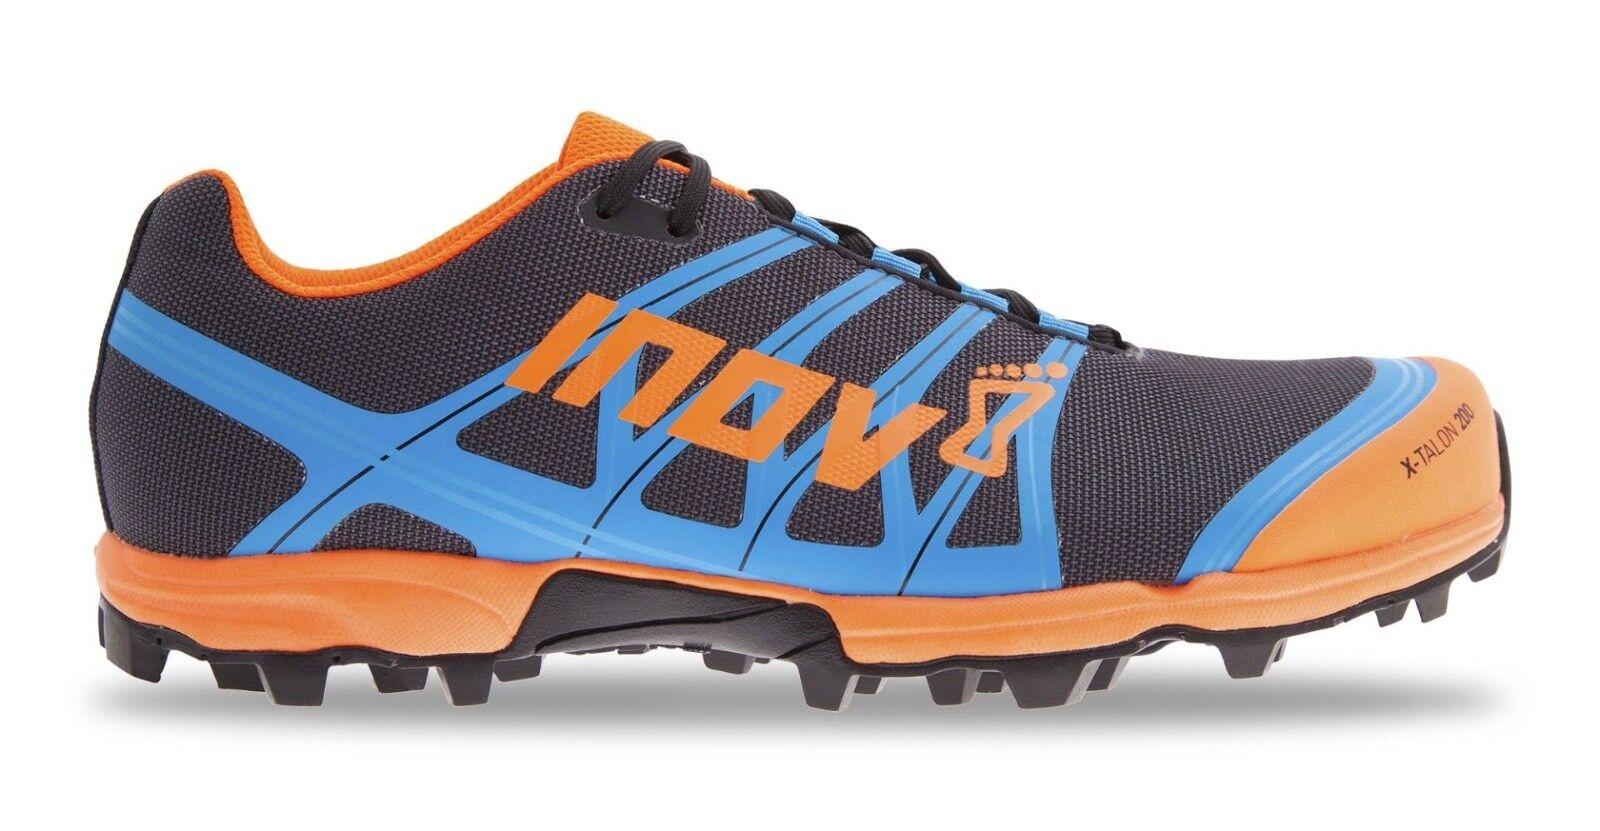 Inov8 X-Talon 200 Grey orange bluee